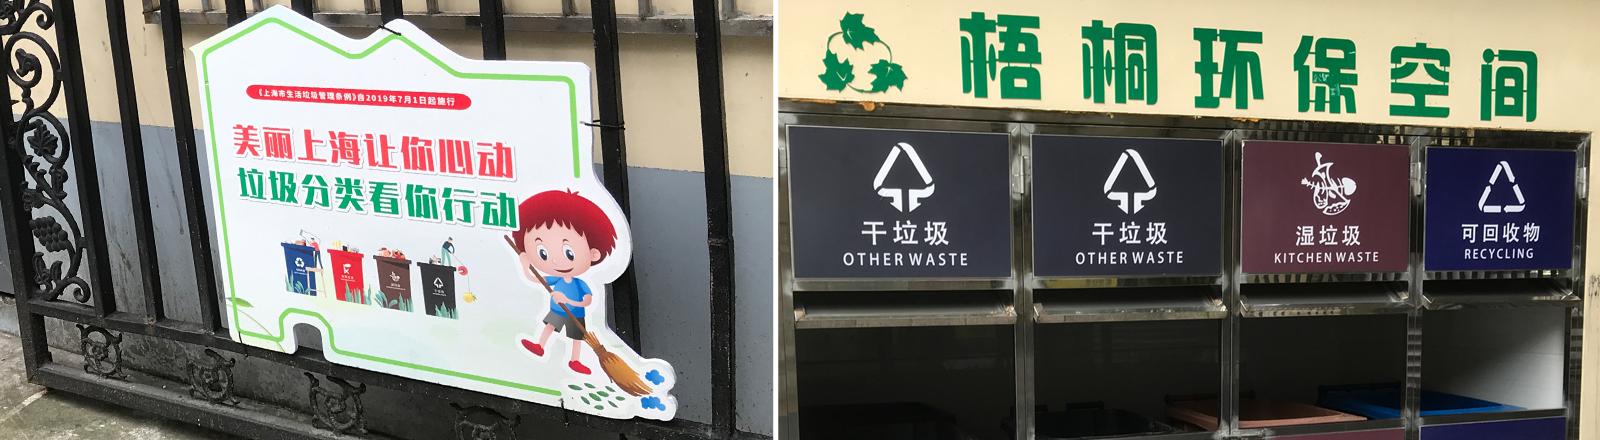 Große Müllcontainer mit Schwingklappe in Shanghai, die zum neuen Mülltrennungssystem gehören, darauf in chinesischer Schriftsprache und in Symbolen, was in welche Tonne gehört